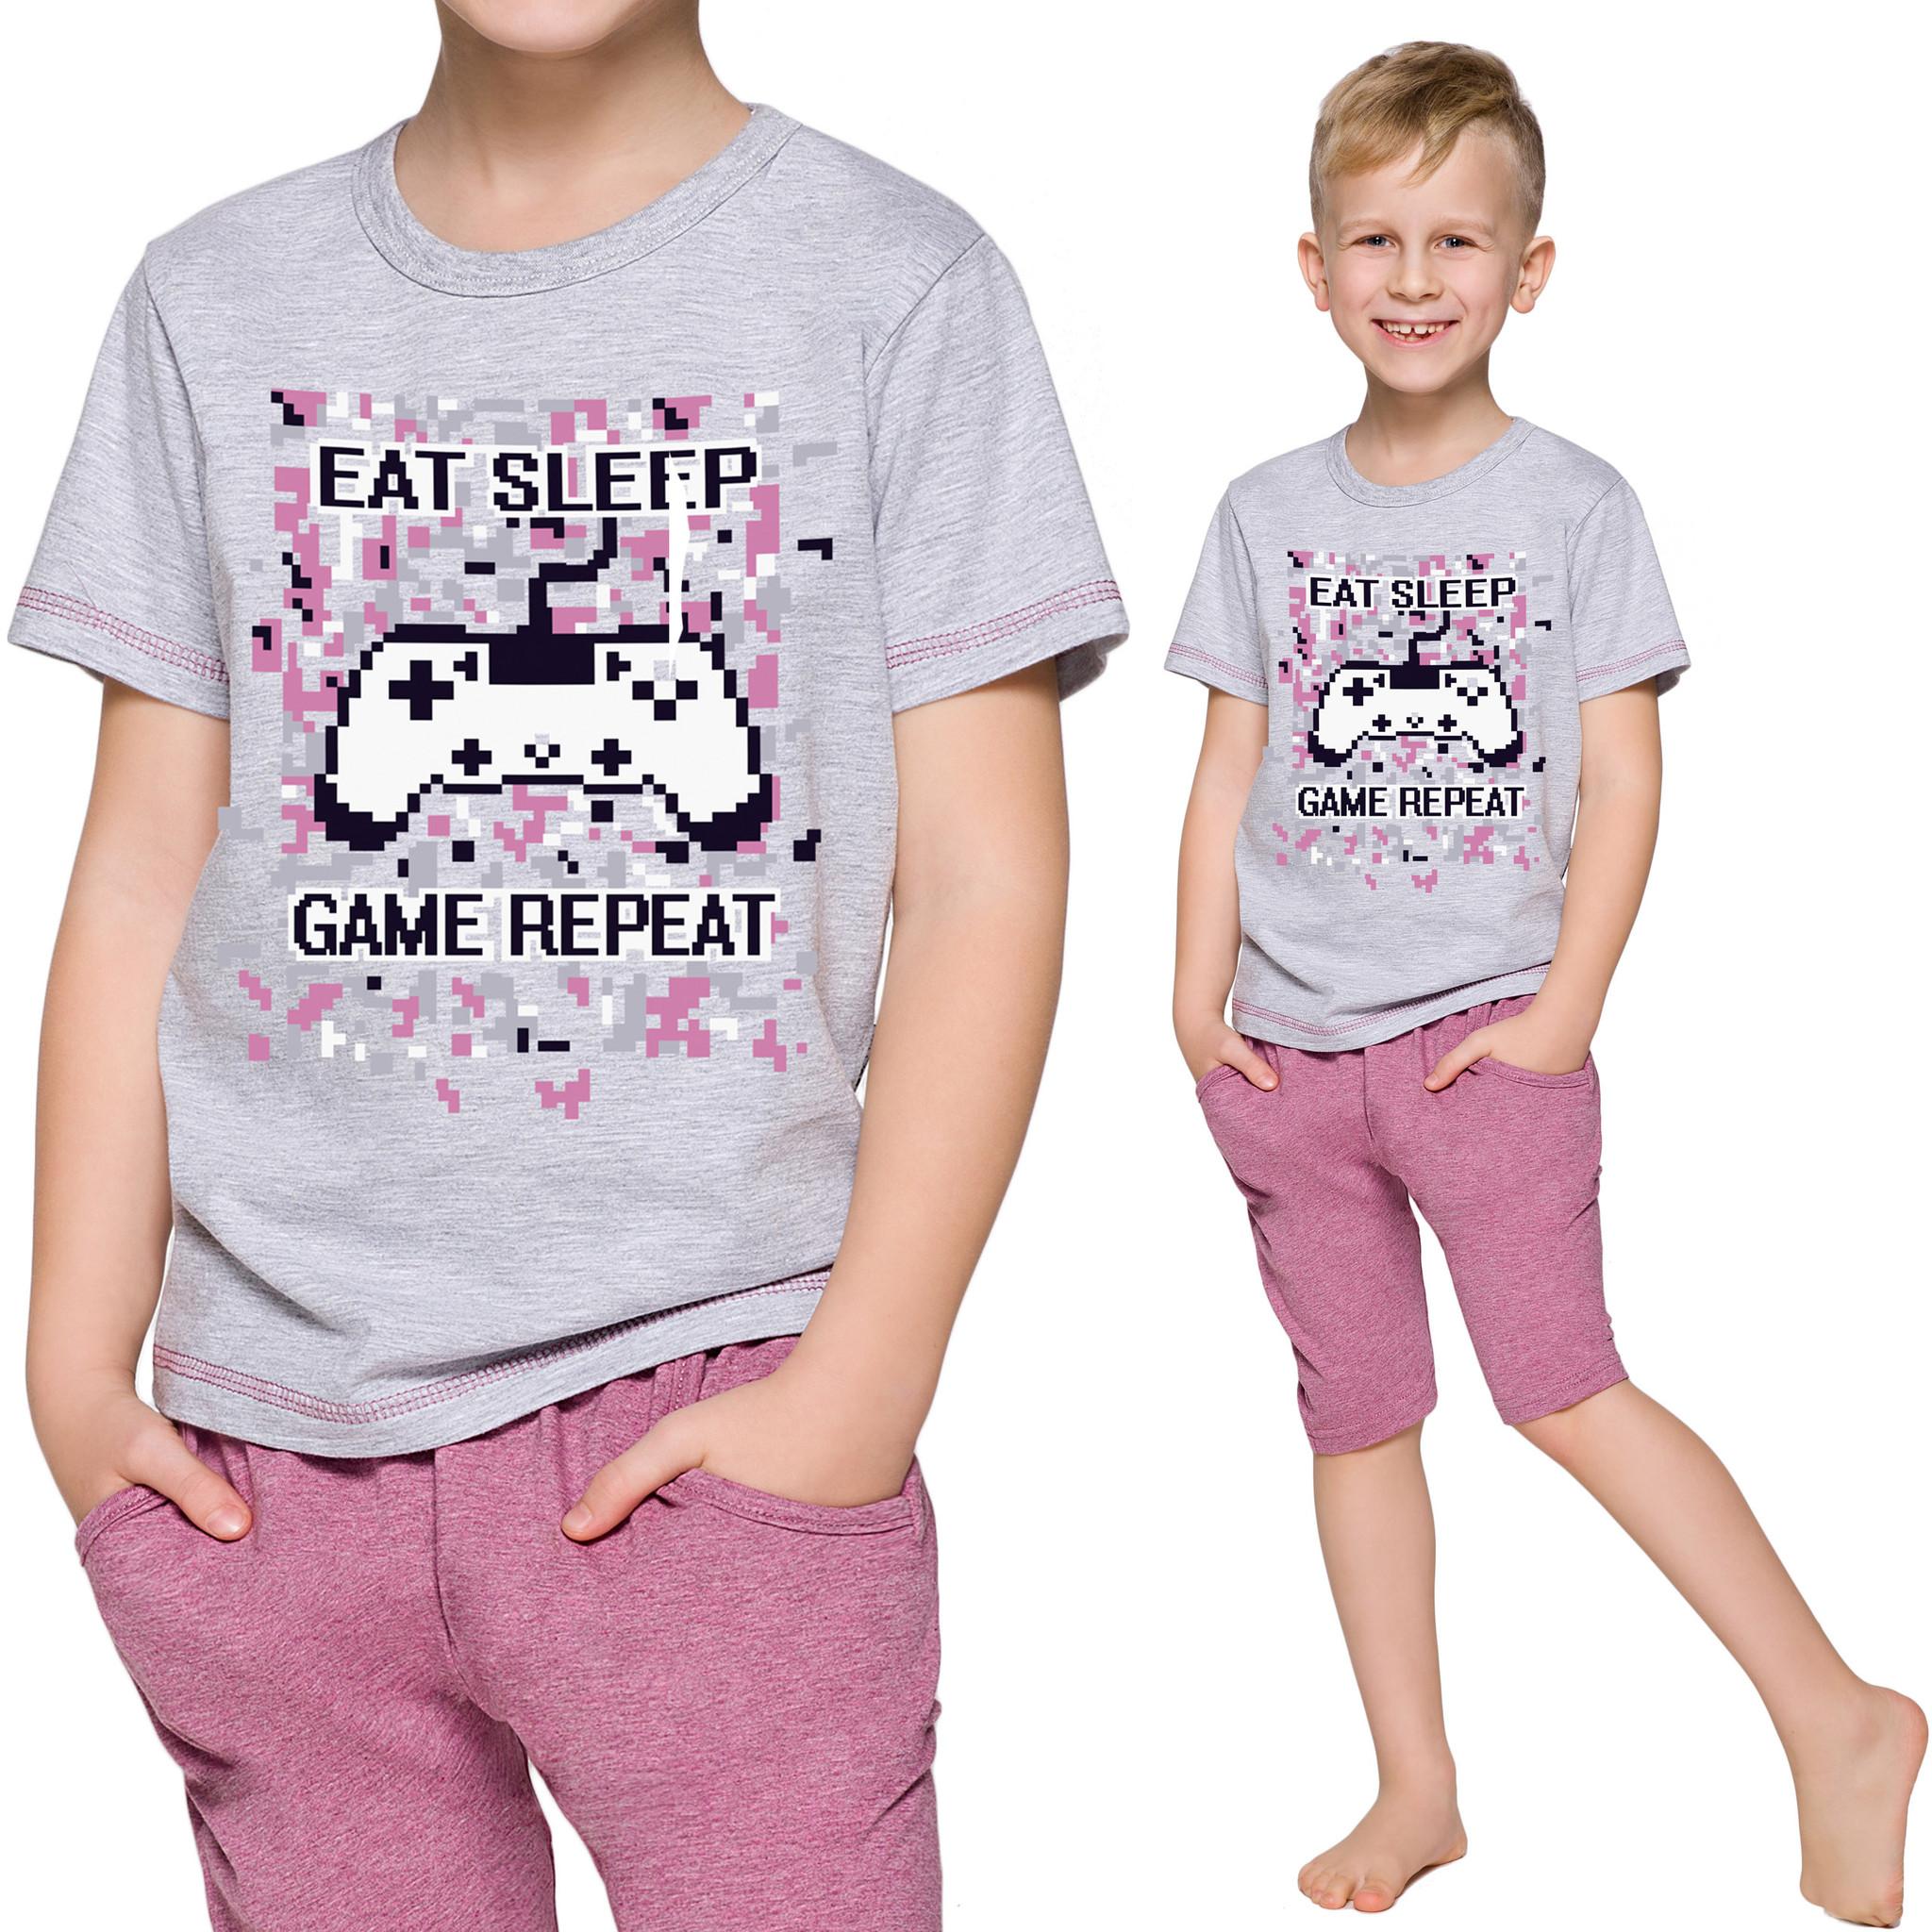 W jakich ubraniach dzieci śpią najczęściej?